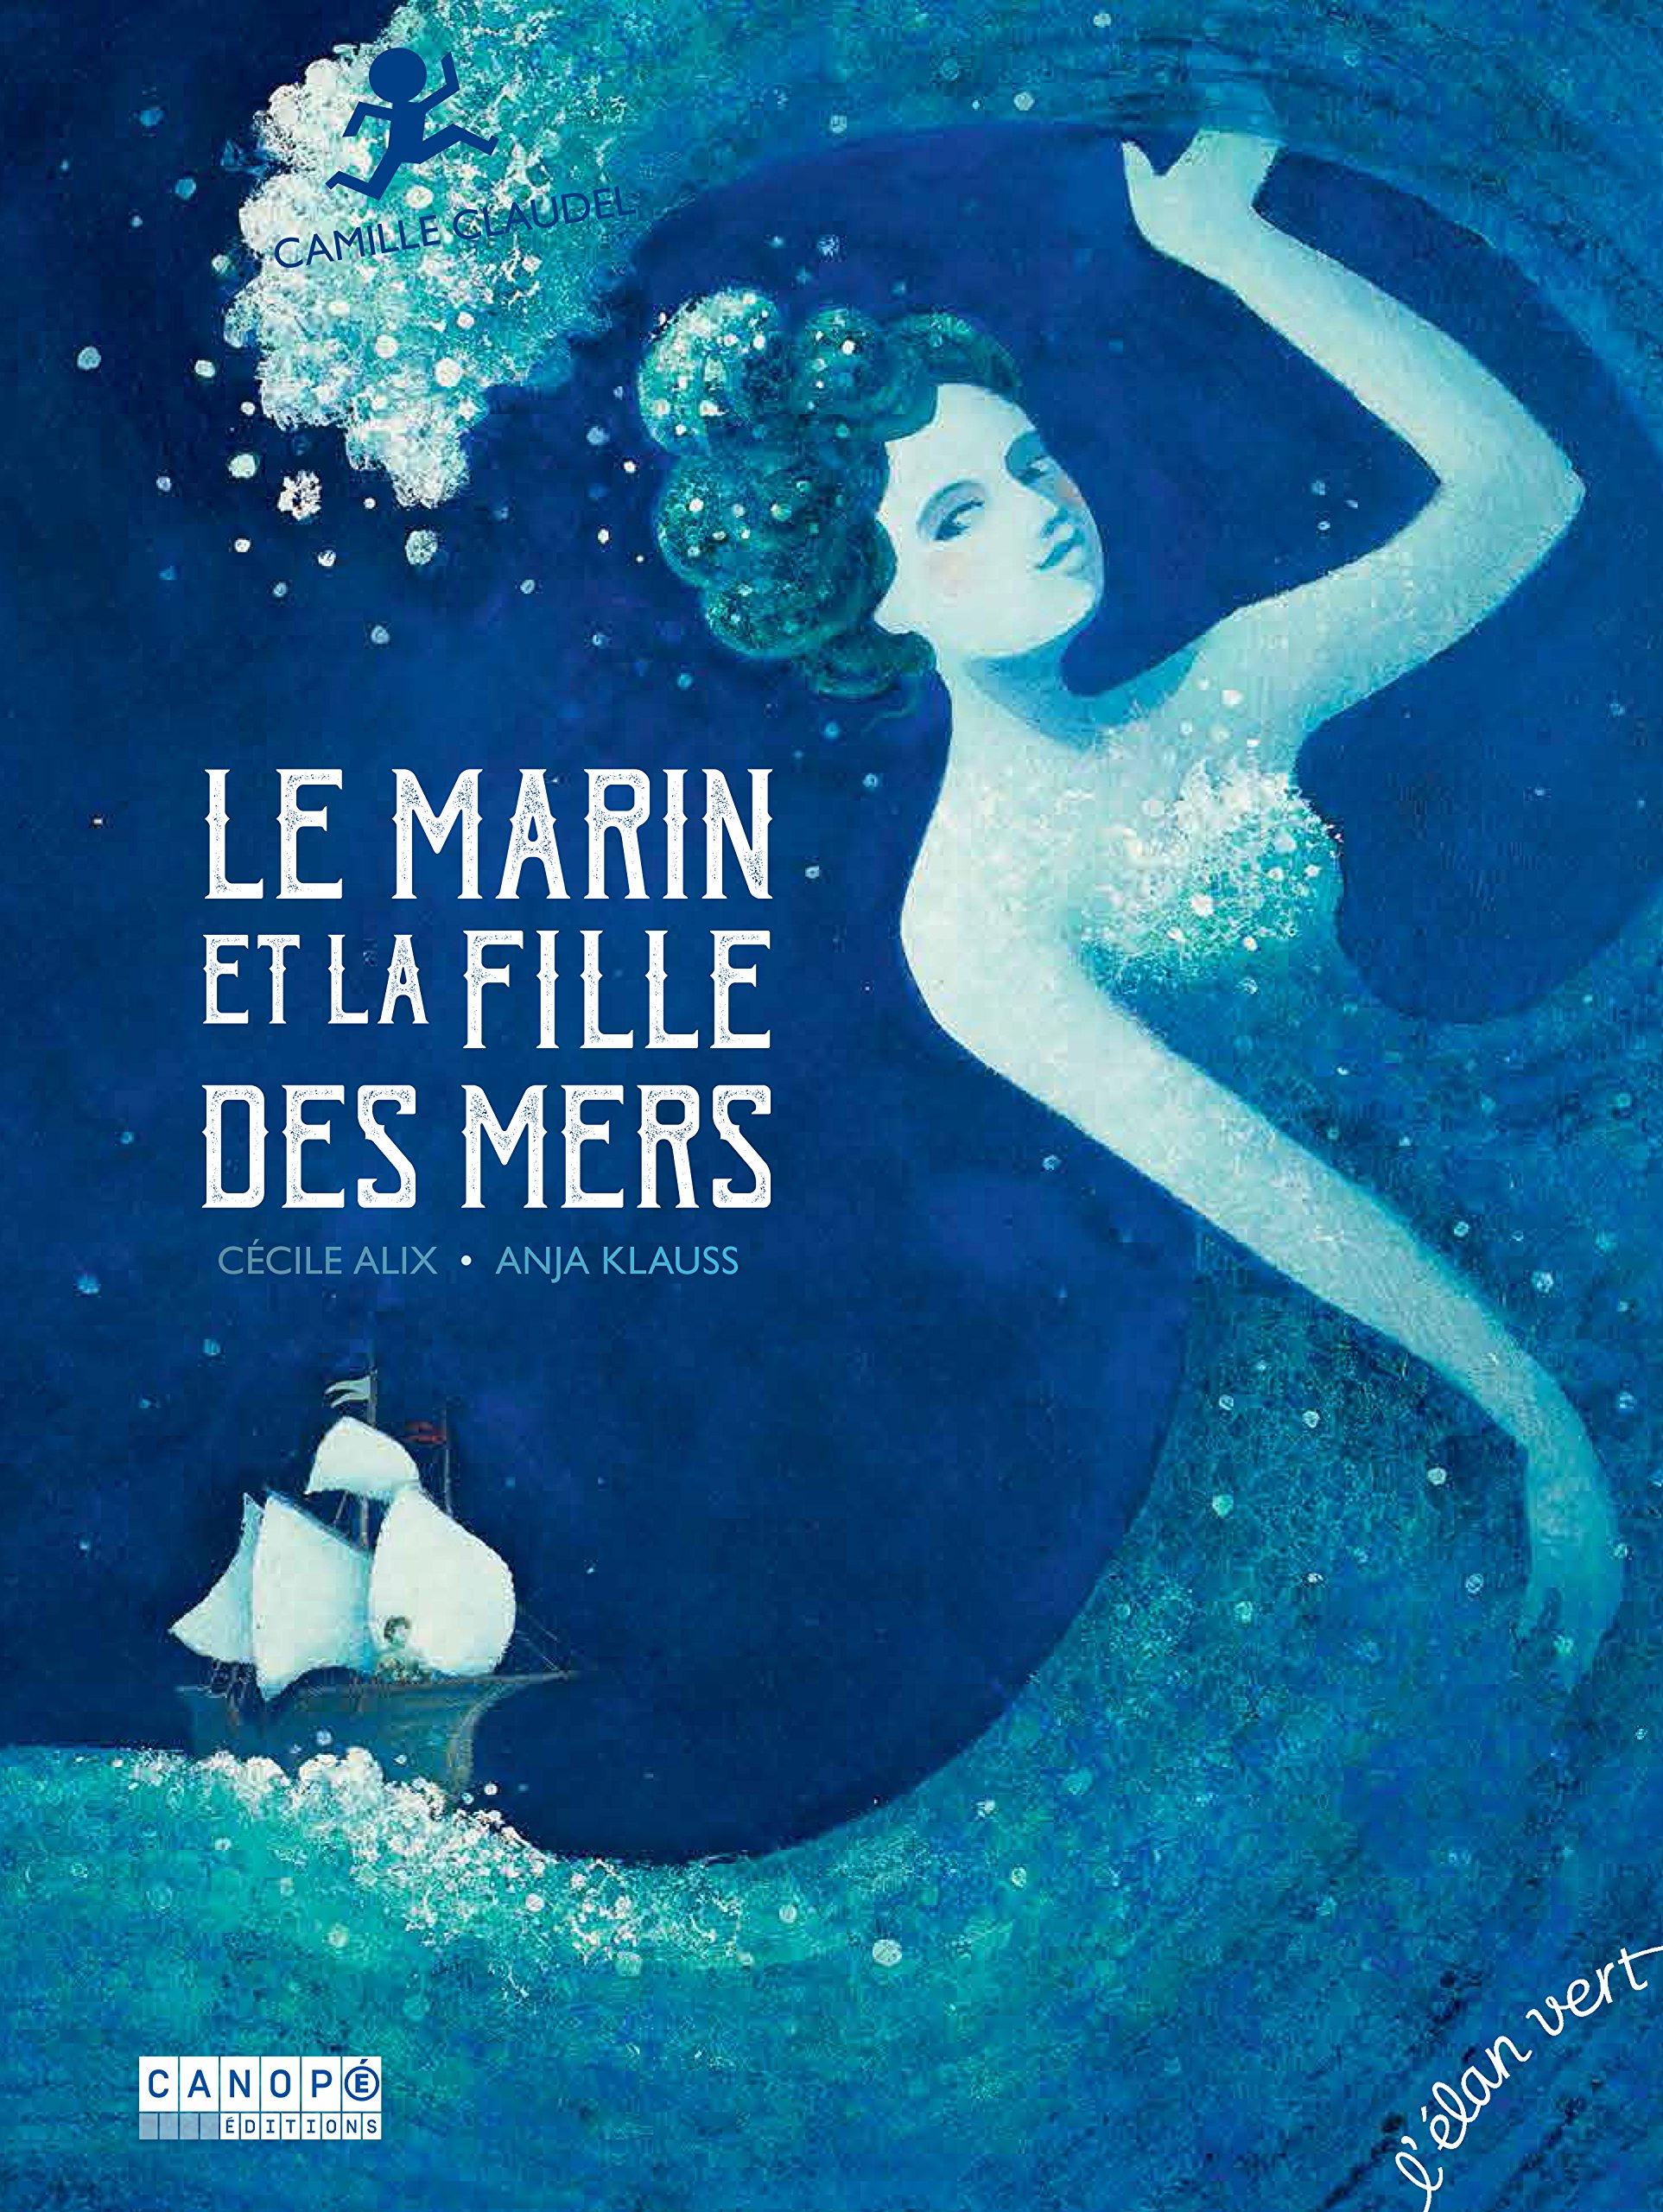 Le marin et la fille des mers